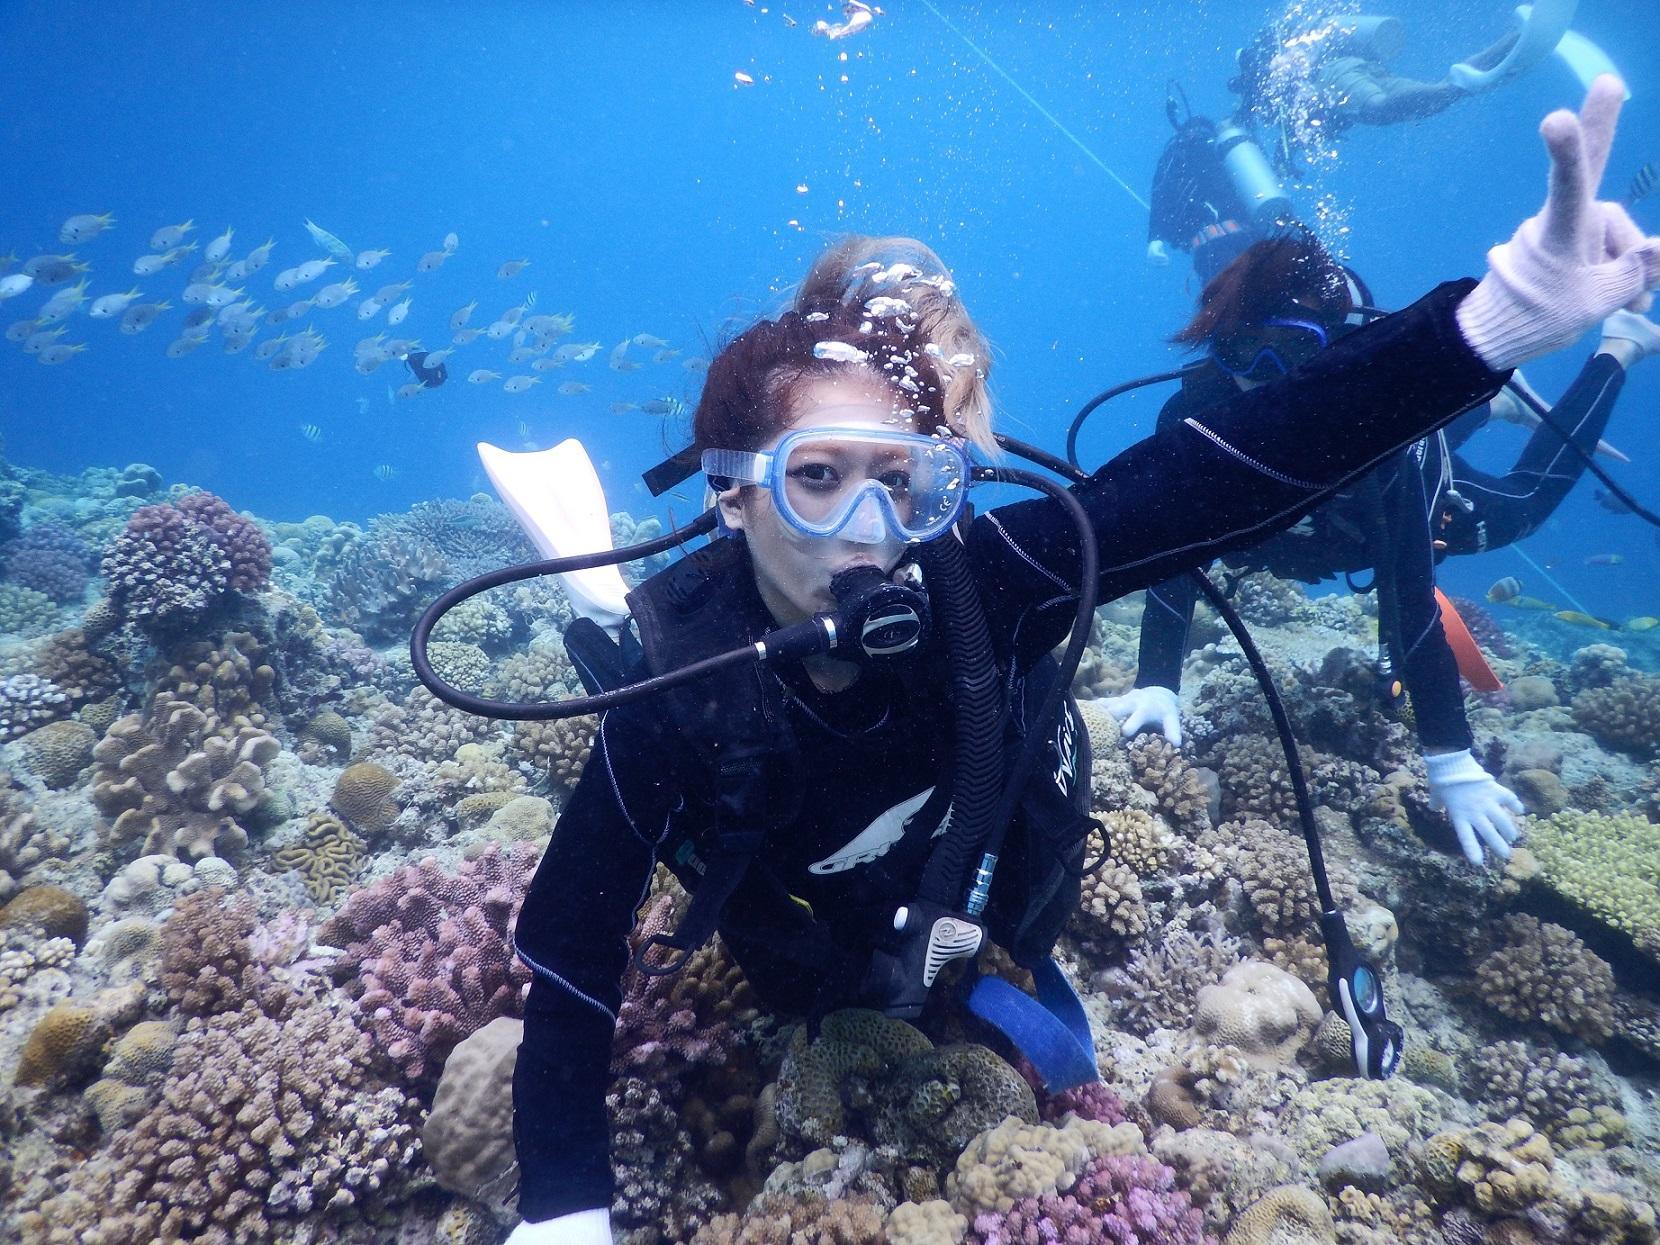 ボートで15分の離島!ミシュラン☆1ッ星の水納島へボート体験ダイビング♪ボートから海に入ればたくさんの珊瑚が広がる圧巻の景色が見られます!親切・丁寧にレクチャーいたしますのでご安心ください♪【1日3便運行】ミシュラン☆1ッ星!水納島で体験ダイビング♪ 9:00~